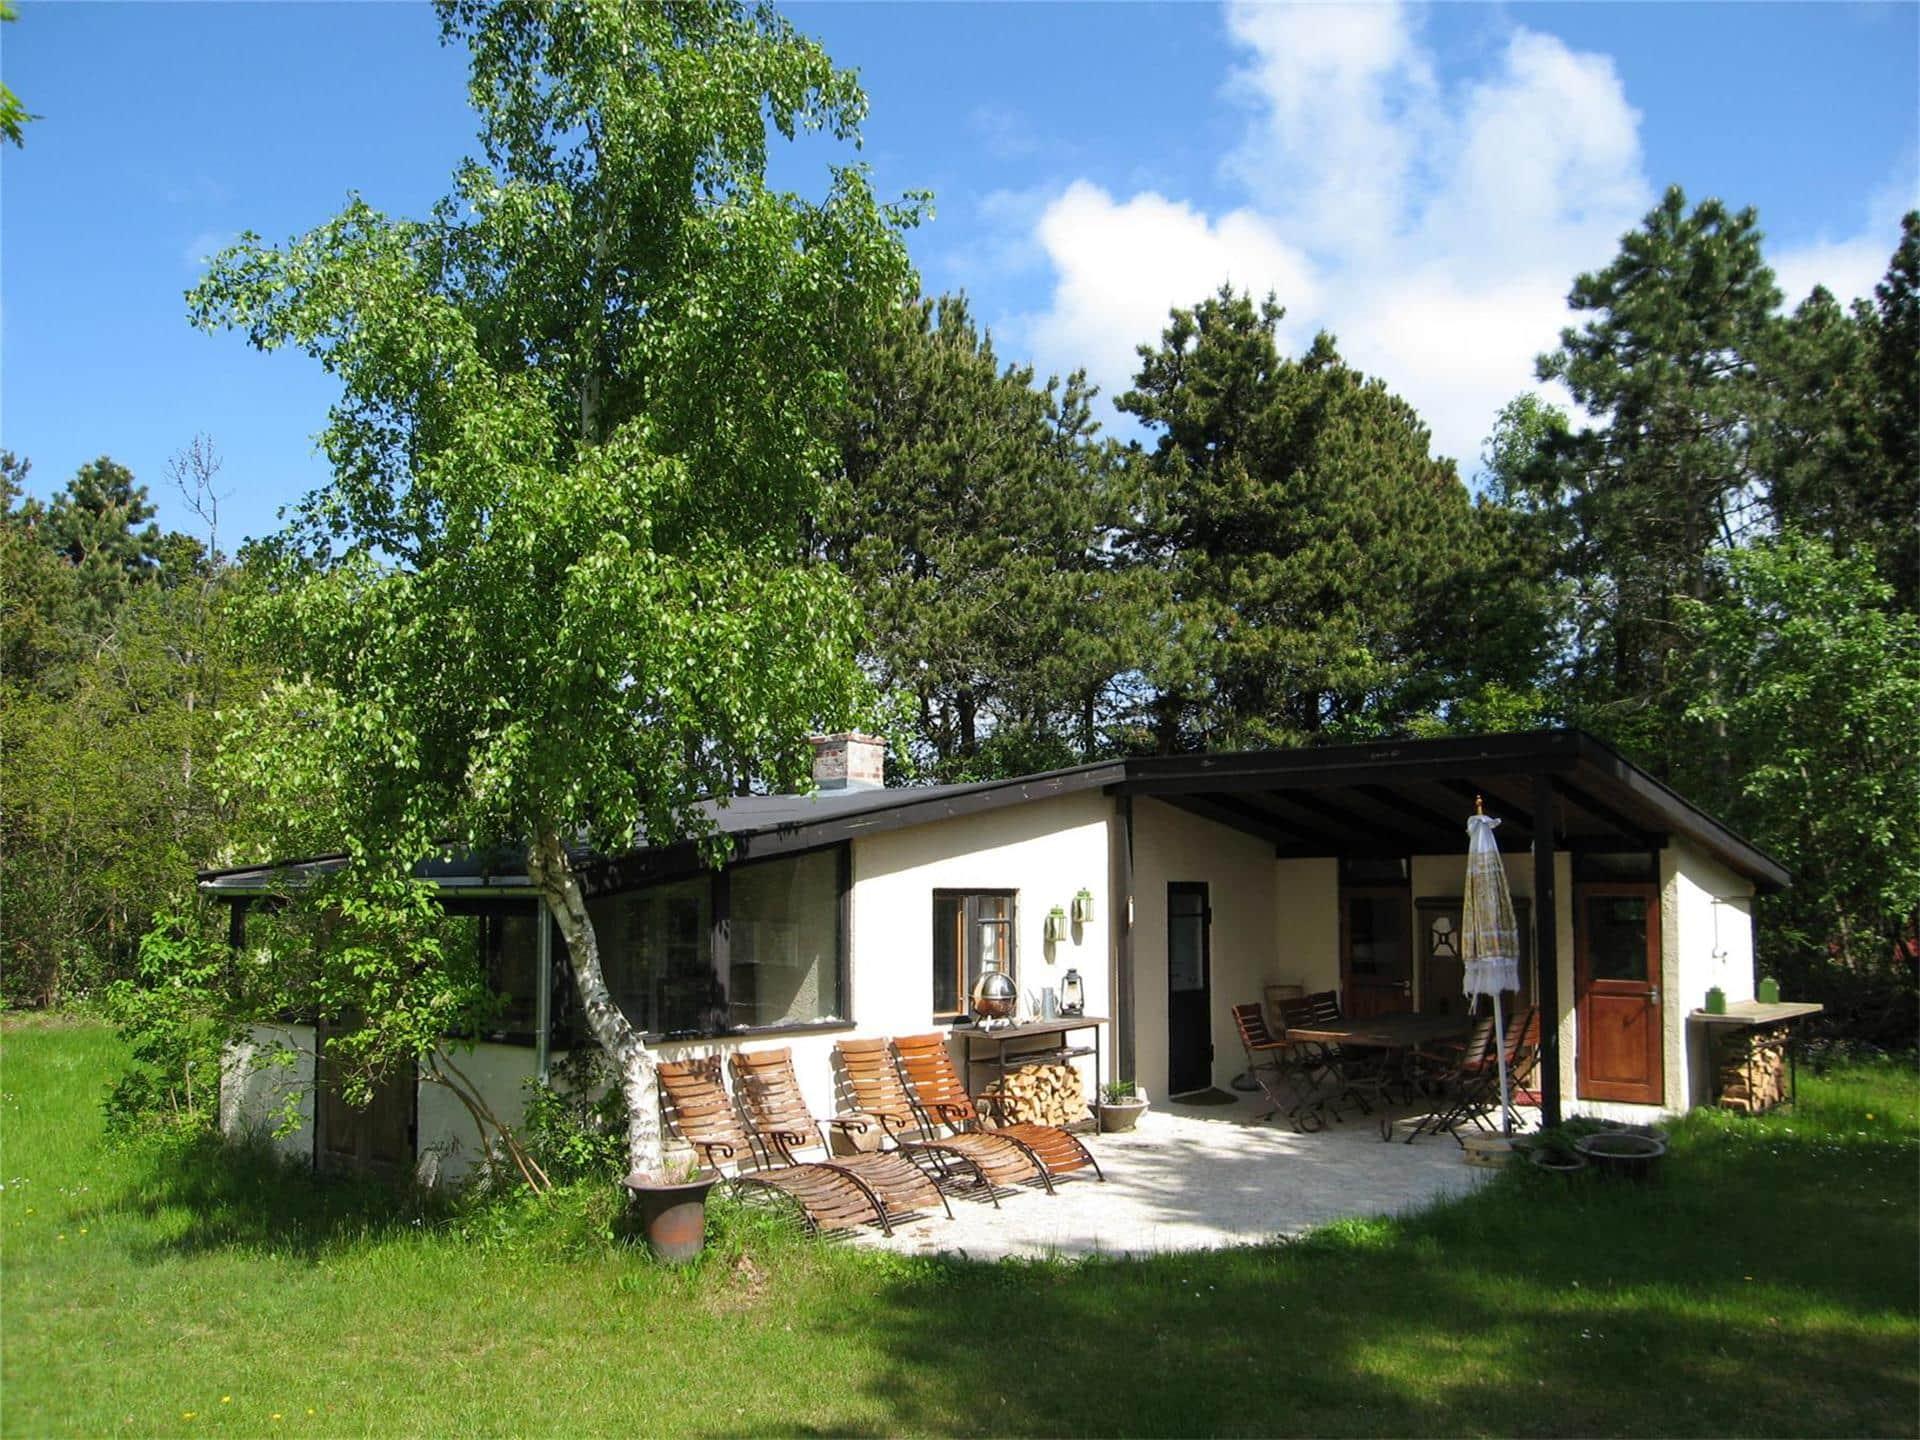 Afbeelding 1-17 Vakantiehuis 11178, Quistgaardsvej 5, DK - 4500 Nykøbing Sj